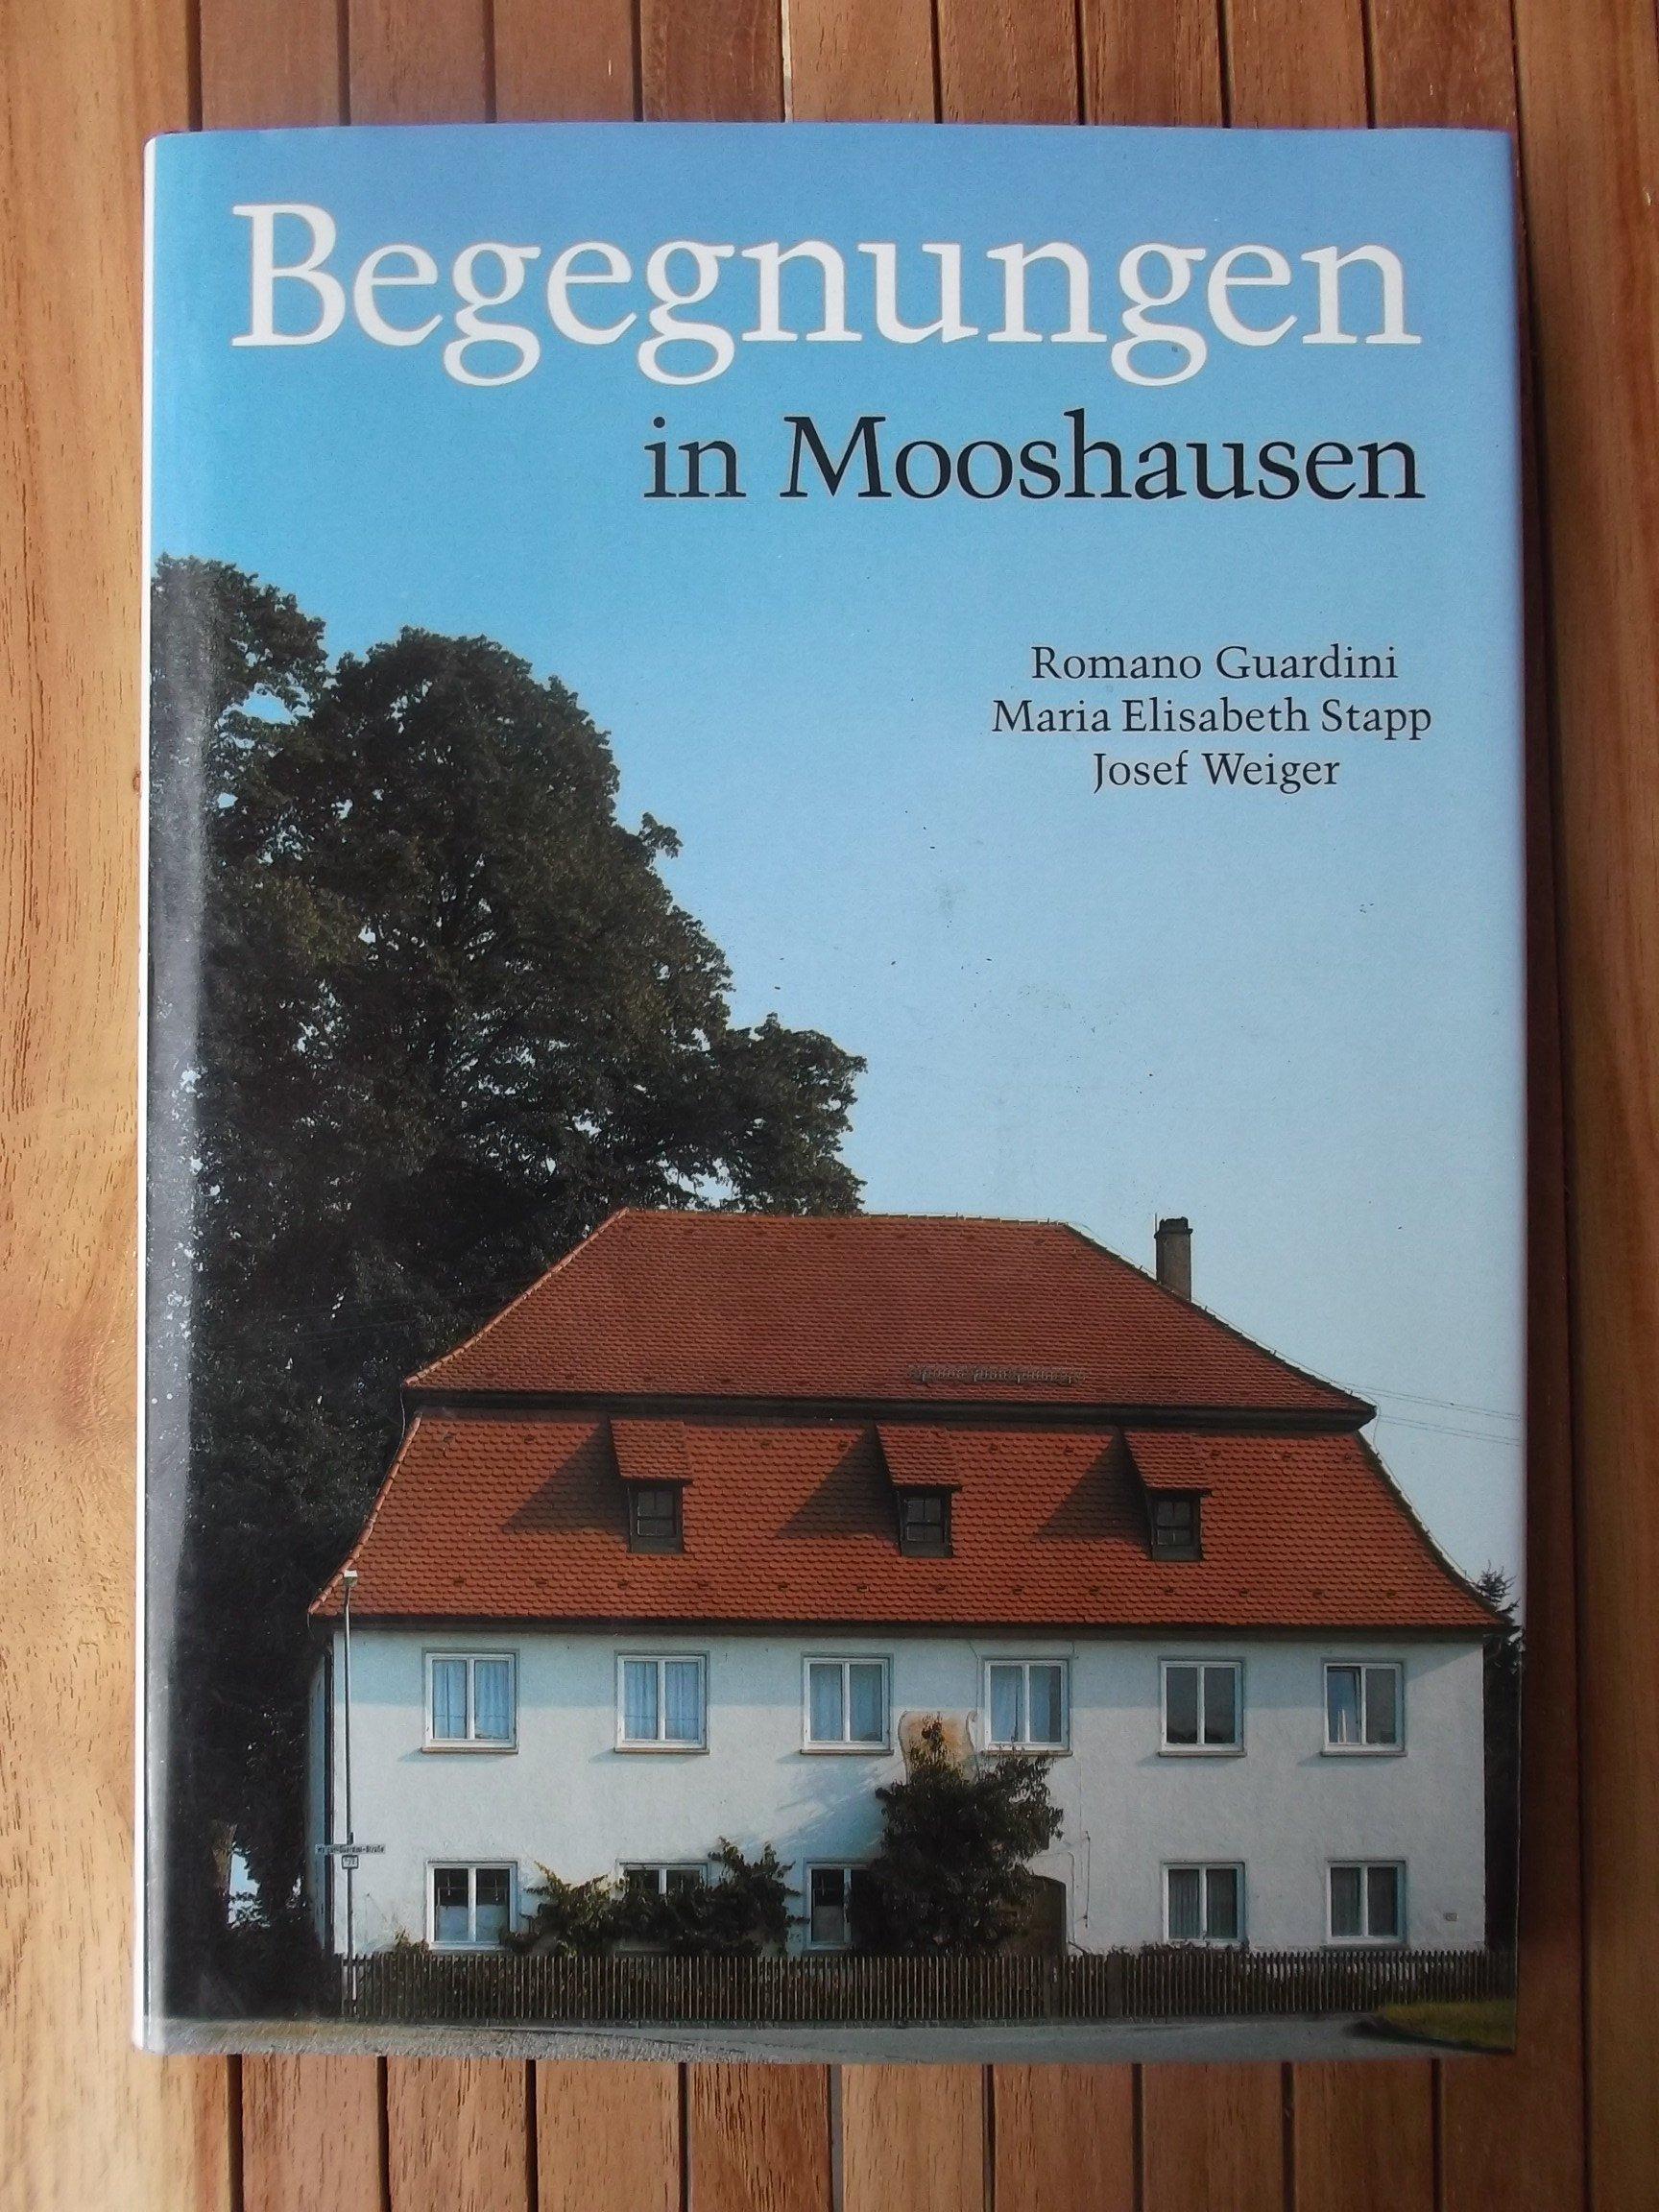 Begegnungen in Mooshausen: Romano Guardini, Maria Knoepfler, Maria Elisabeth Stapp, Josef Weiger